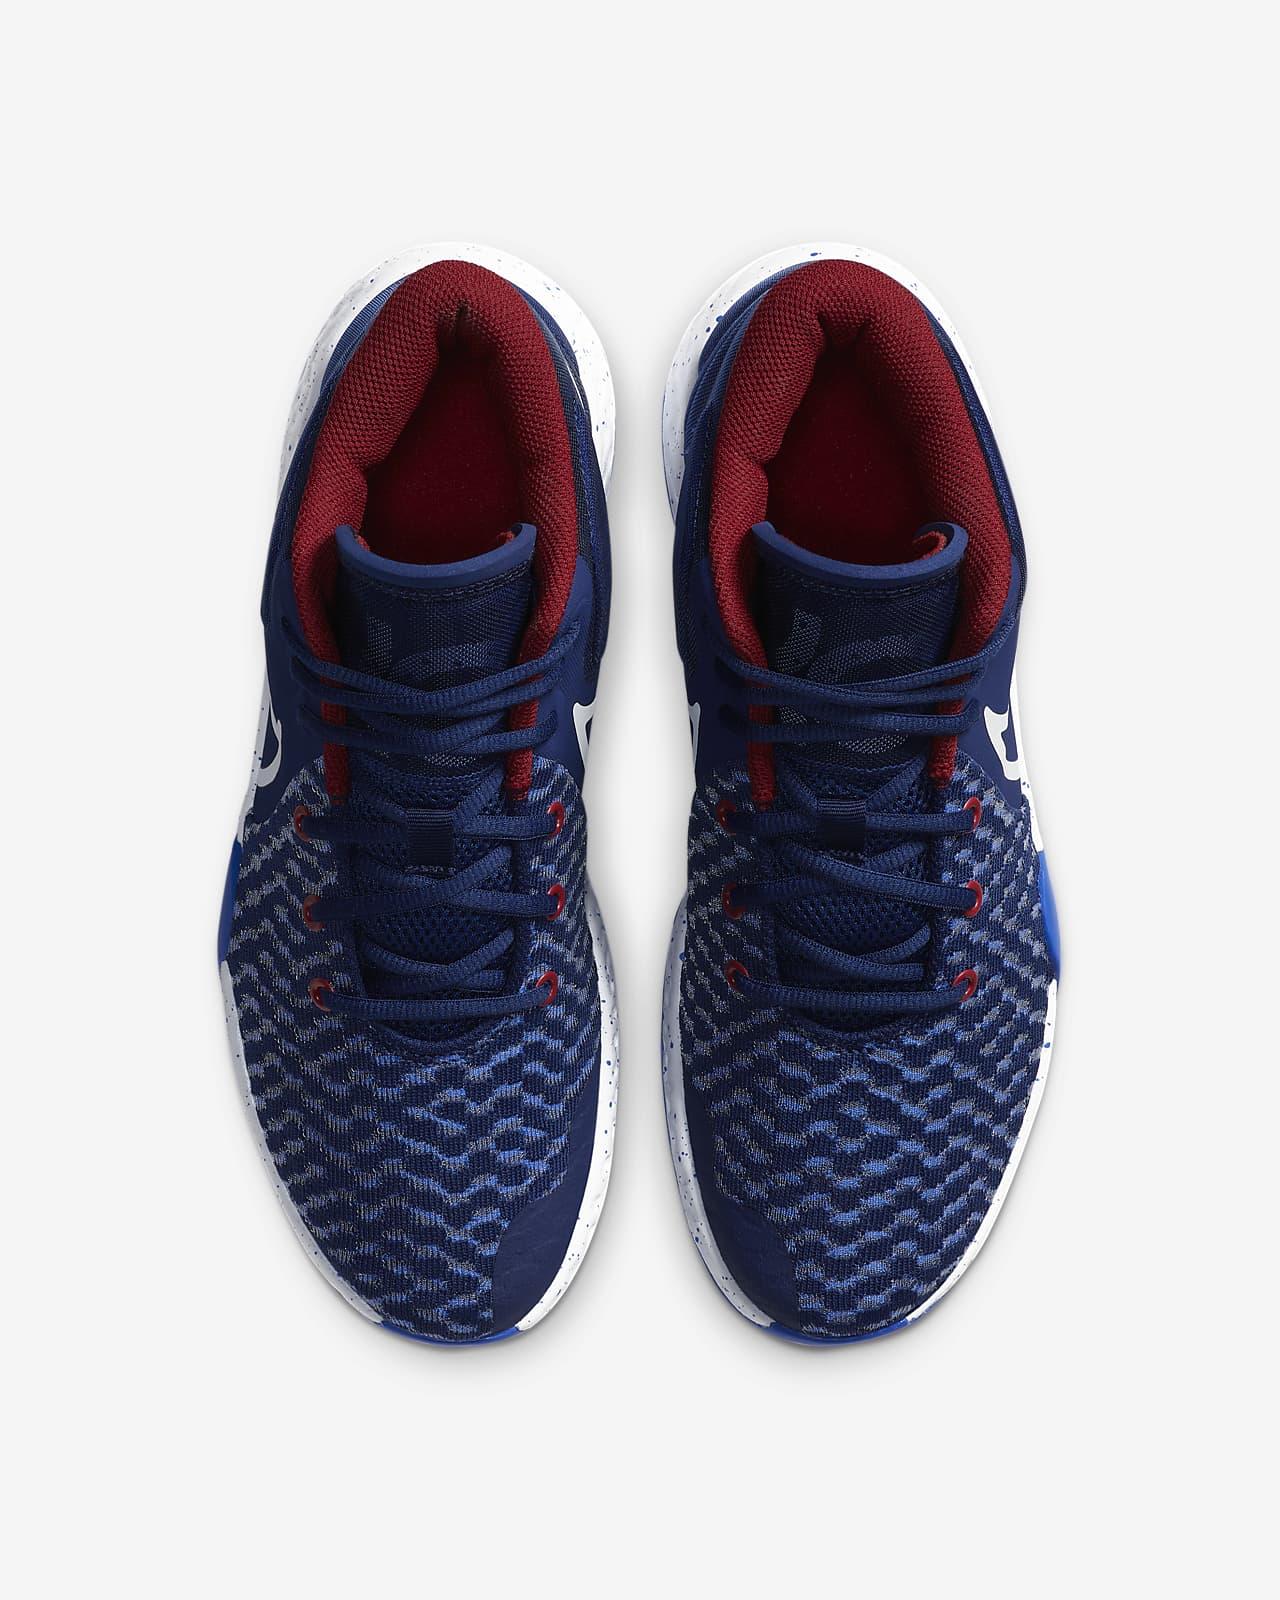 Zapatillas de baloncesto de hombre KD Trey 5 VIII Nike